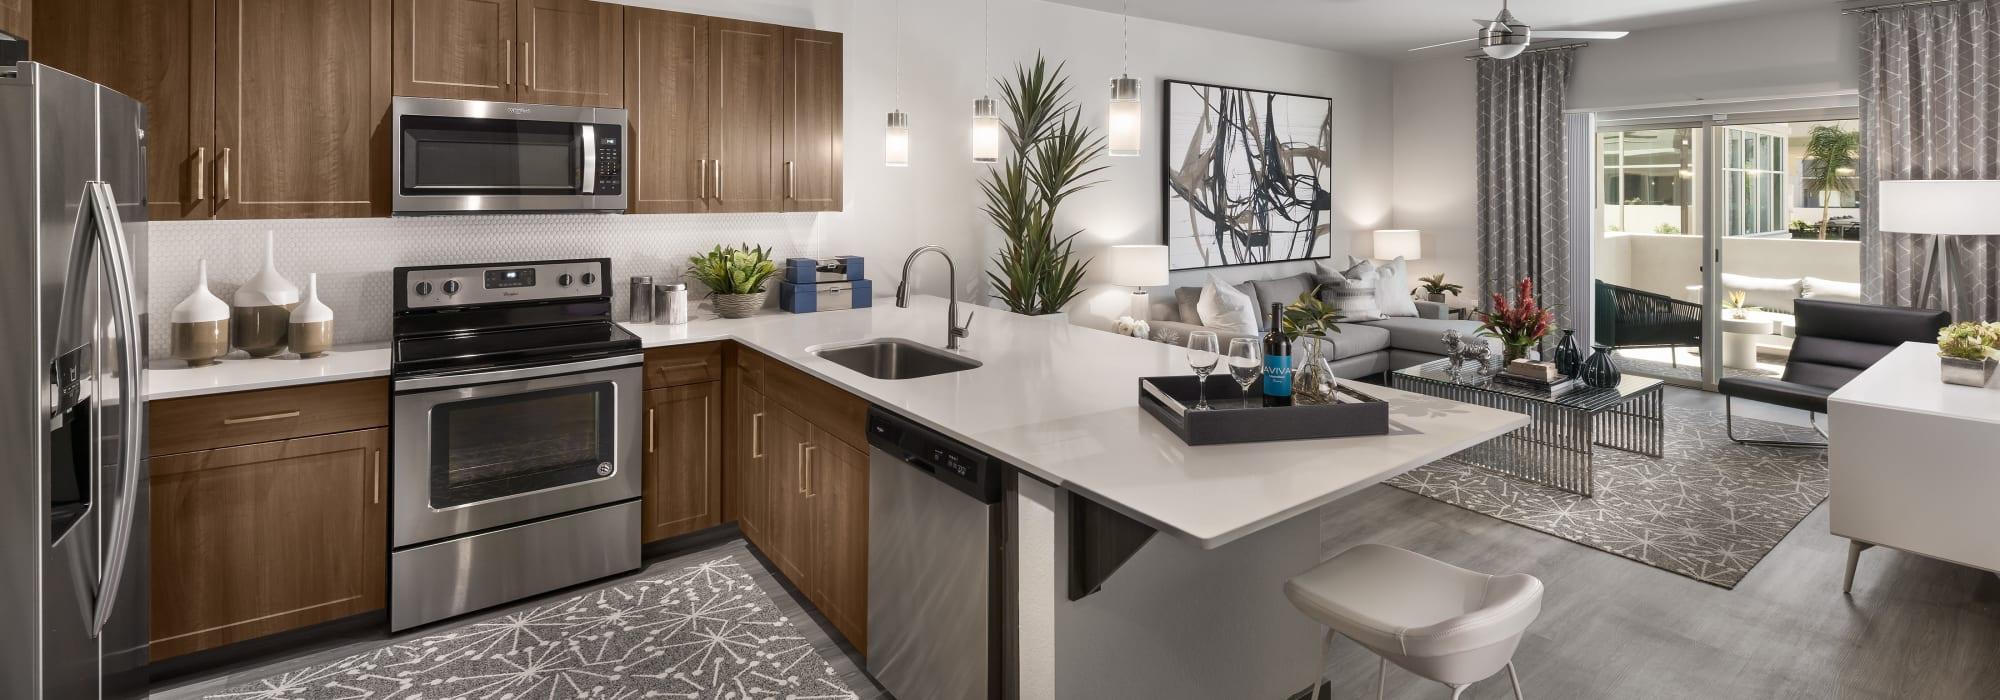 Luxury Kitchen at Aviva in Mesa, Arizona